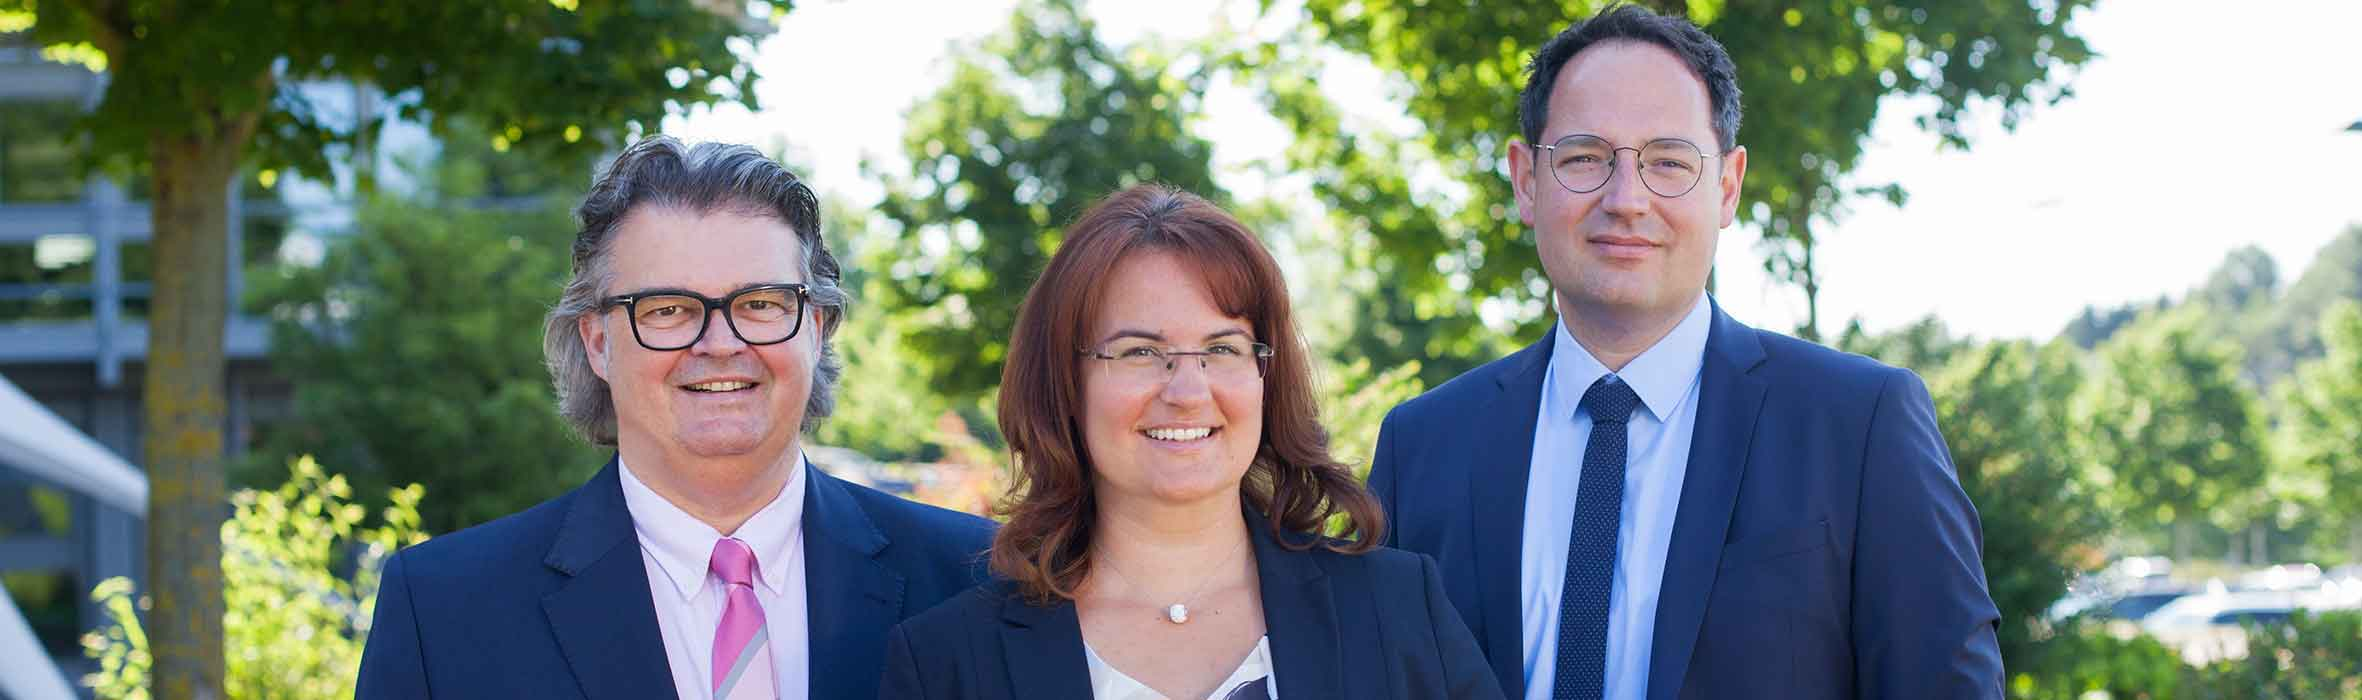 Anwaltsbüro Quirmbach & Partner, Anwälte bei Personenschäden